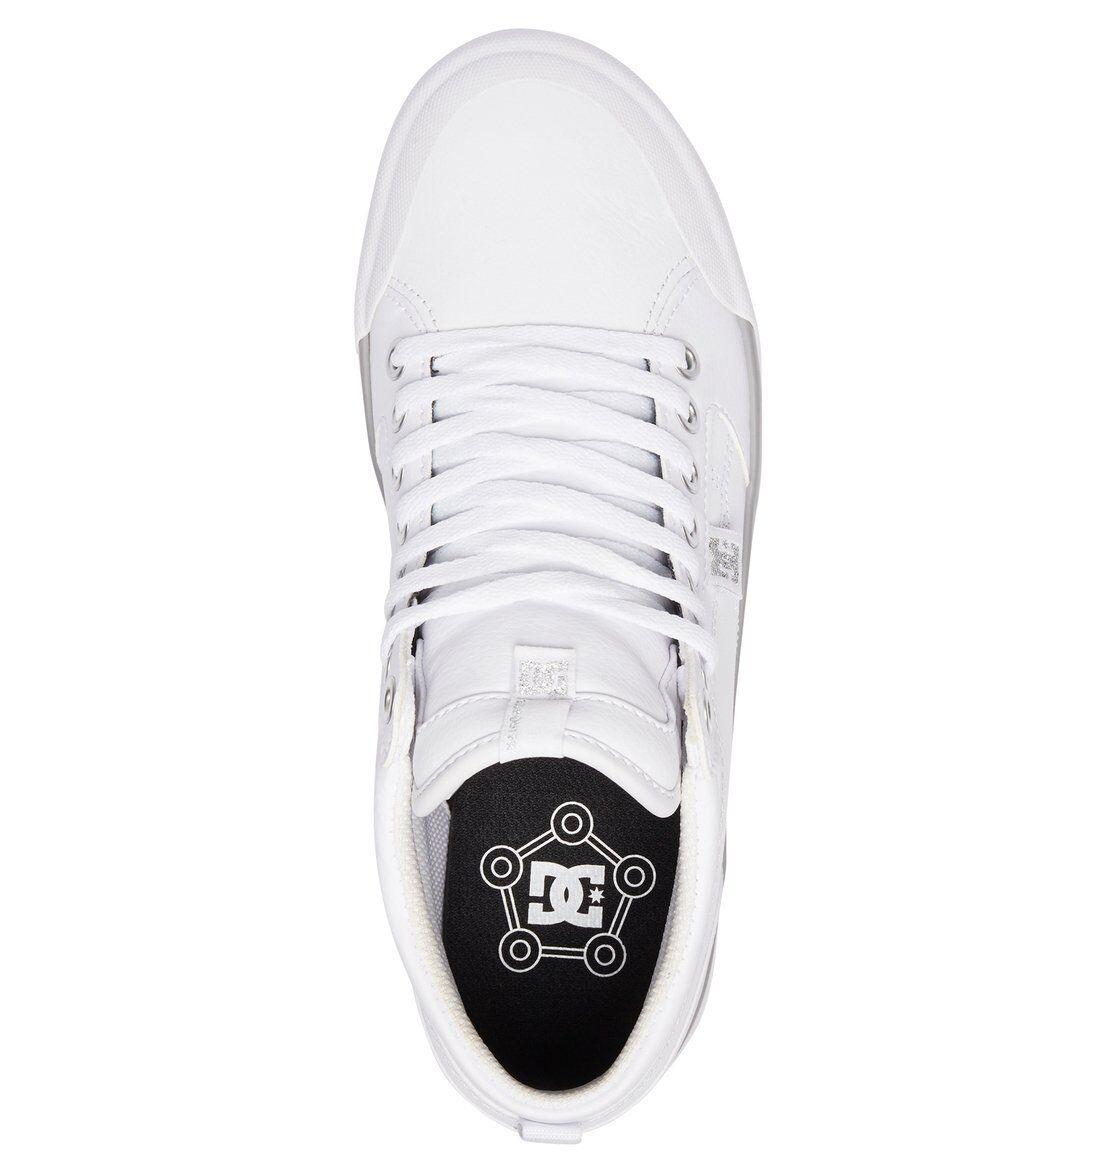 DC Schuhe Damenschuhe HI TOP TRAINERS.NEW LEATHER EVAN SMITH HI Weiß LEATHER TRAINERS.NEW Schuhe 7W 147 WS4 428d05